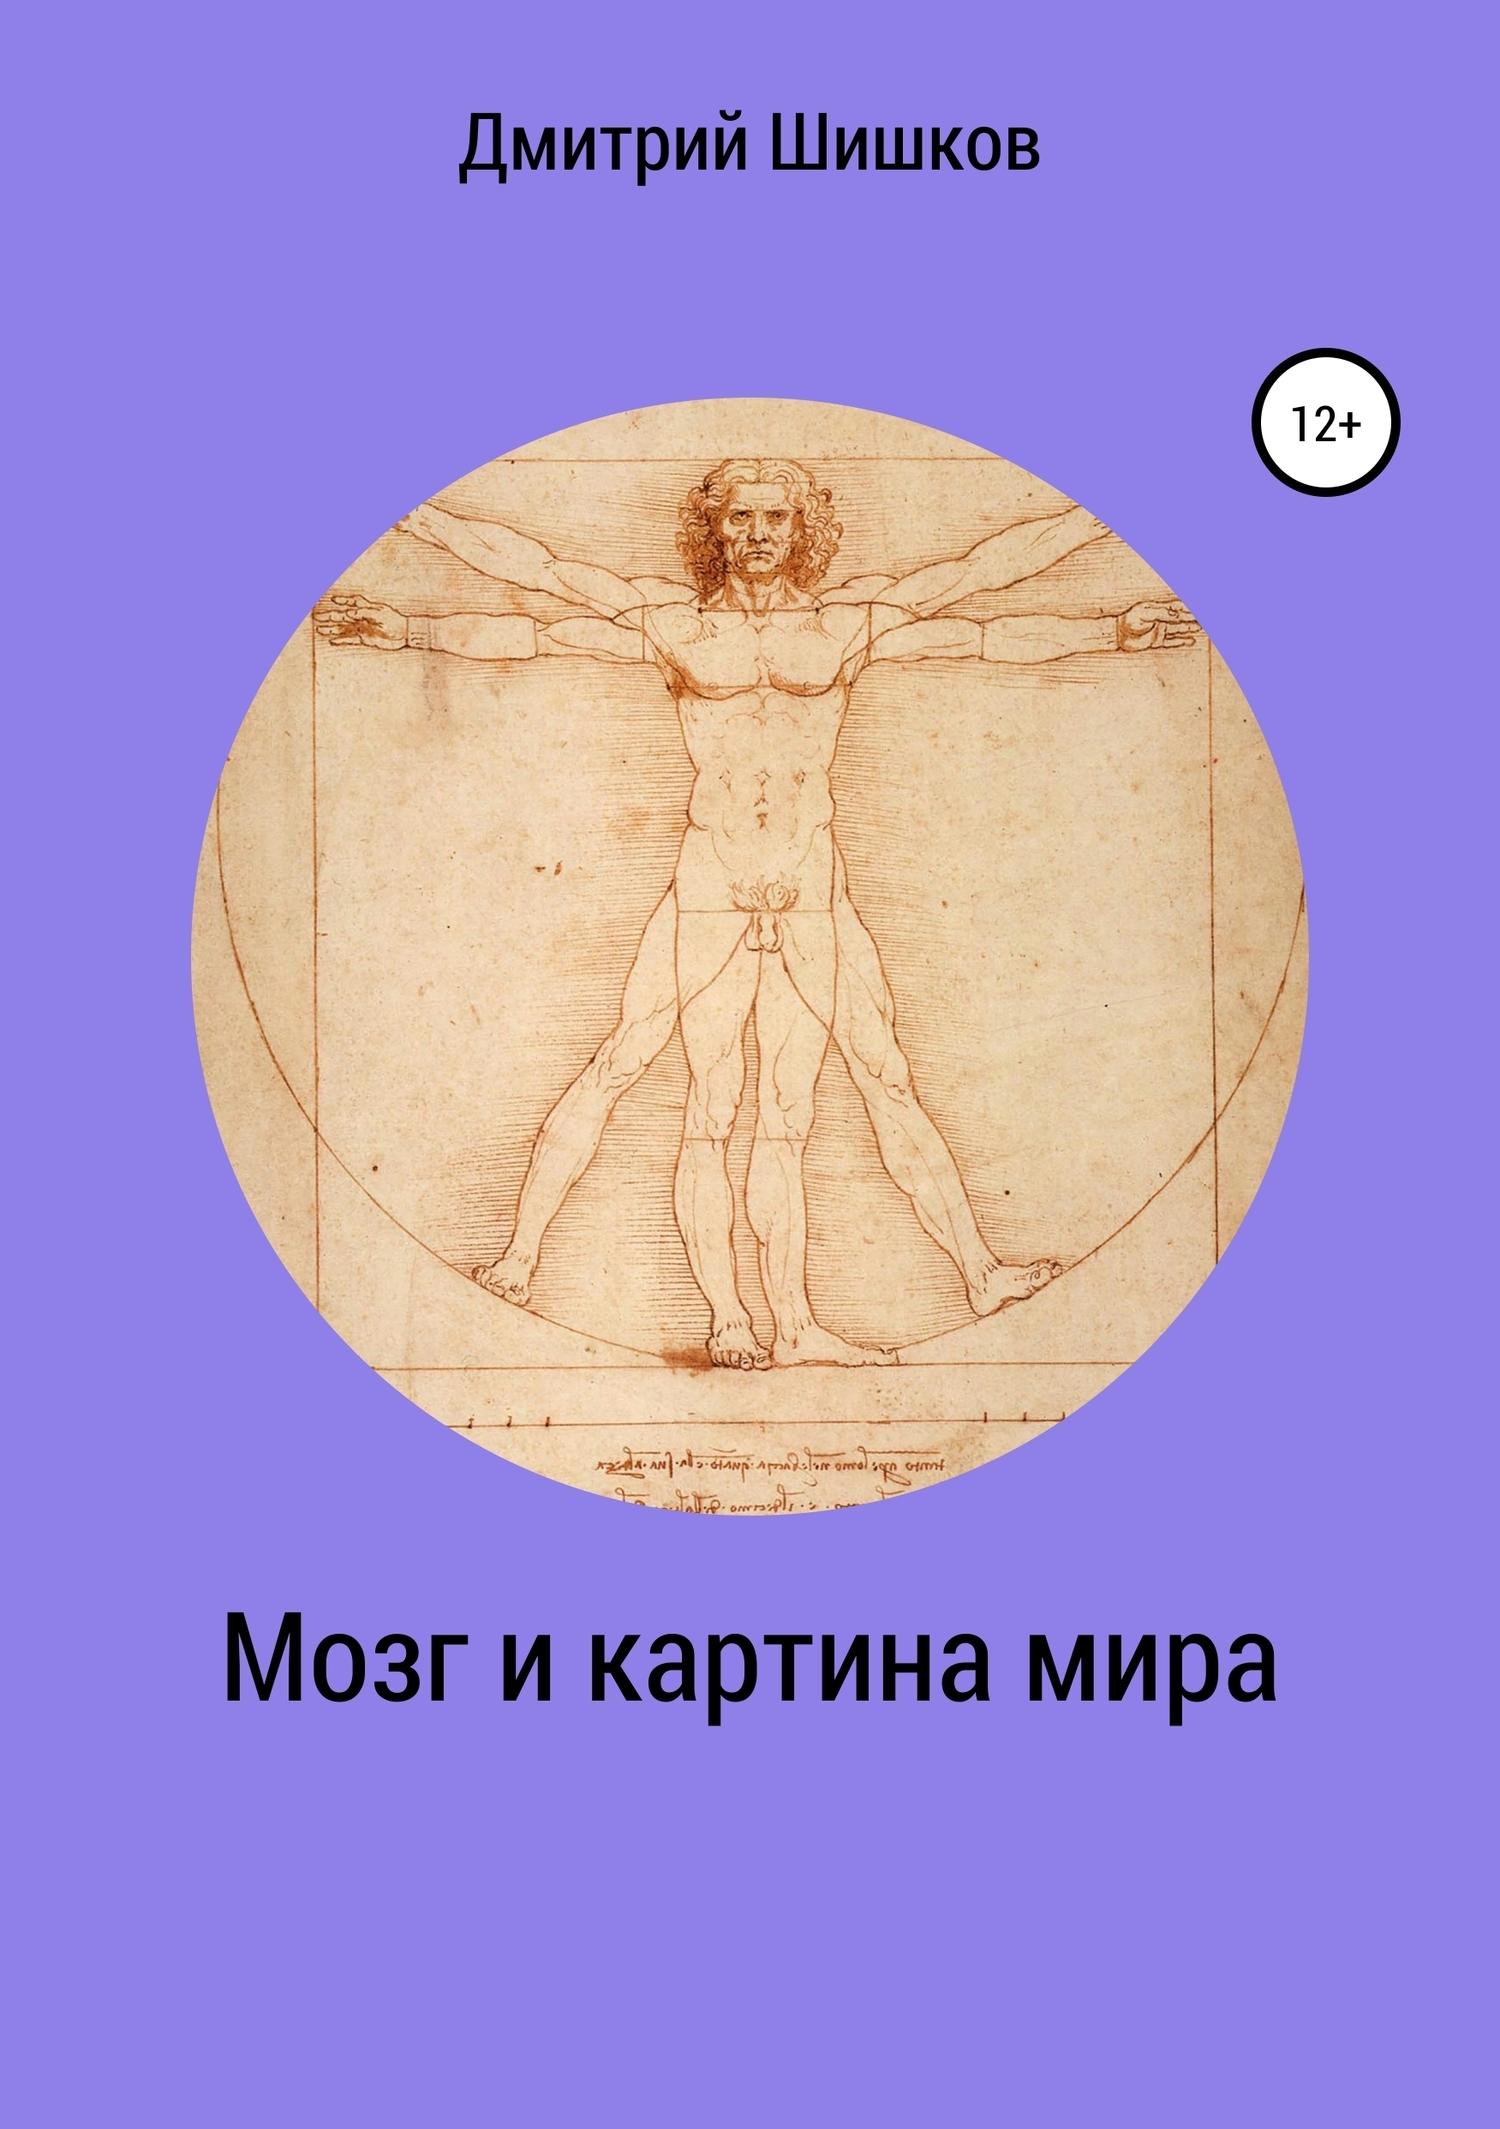 Дмитрий Шишков - Мозг и картина мира